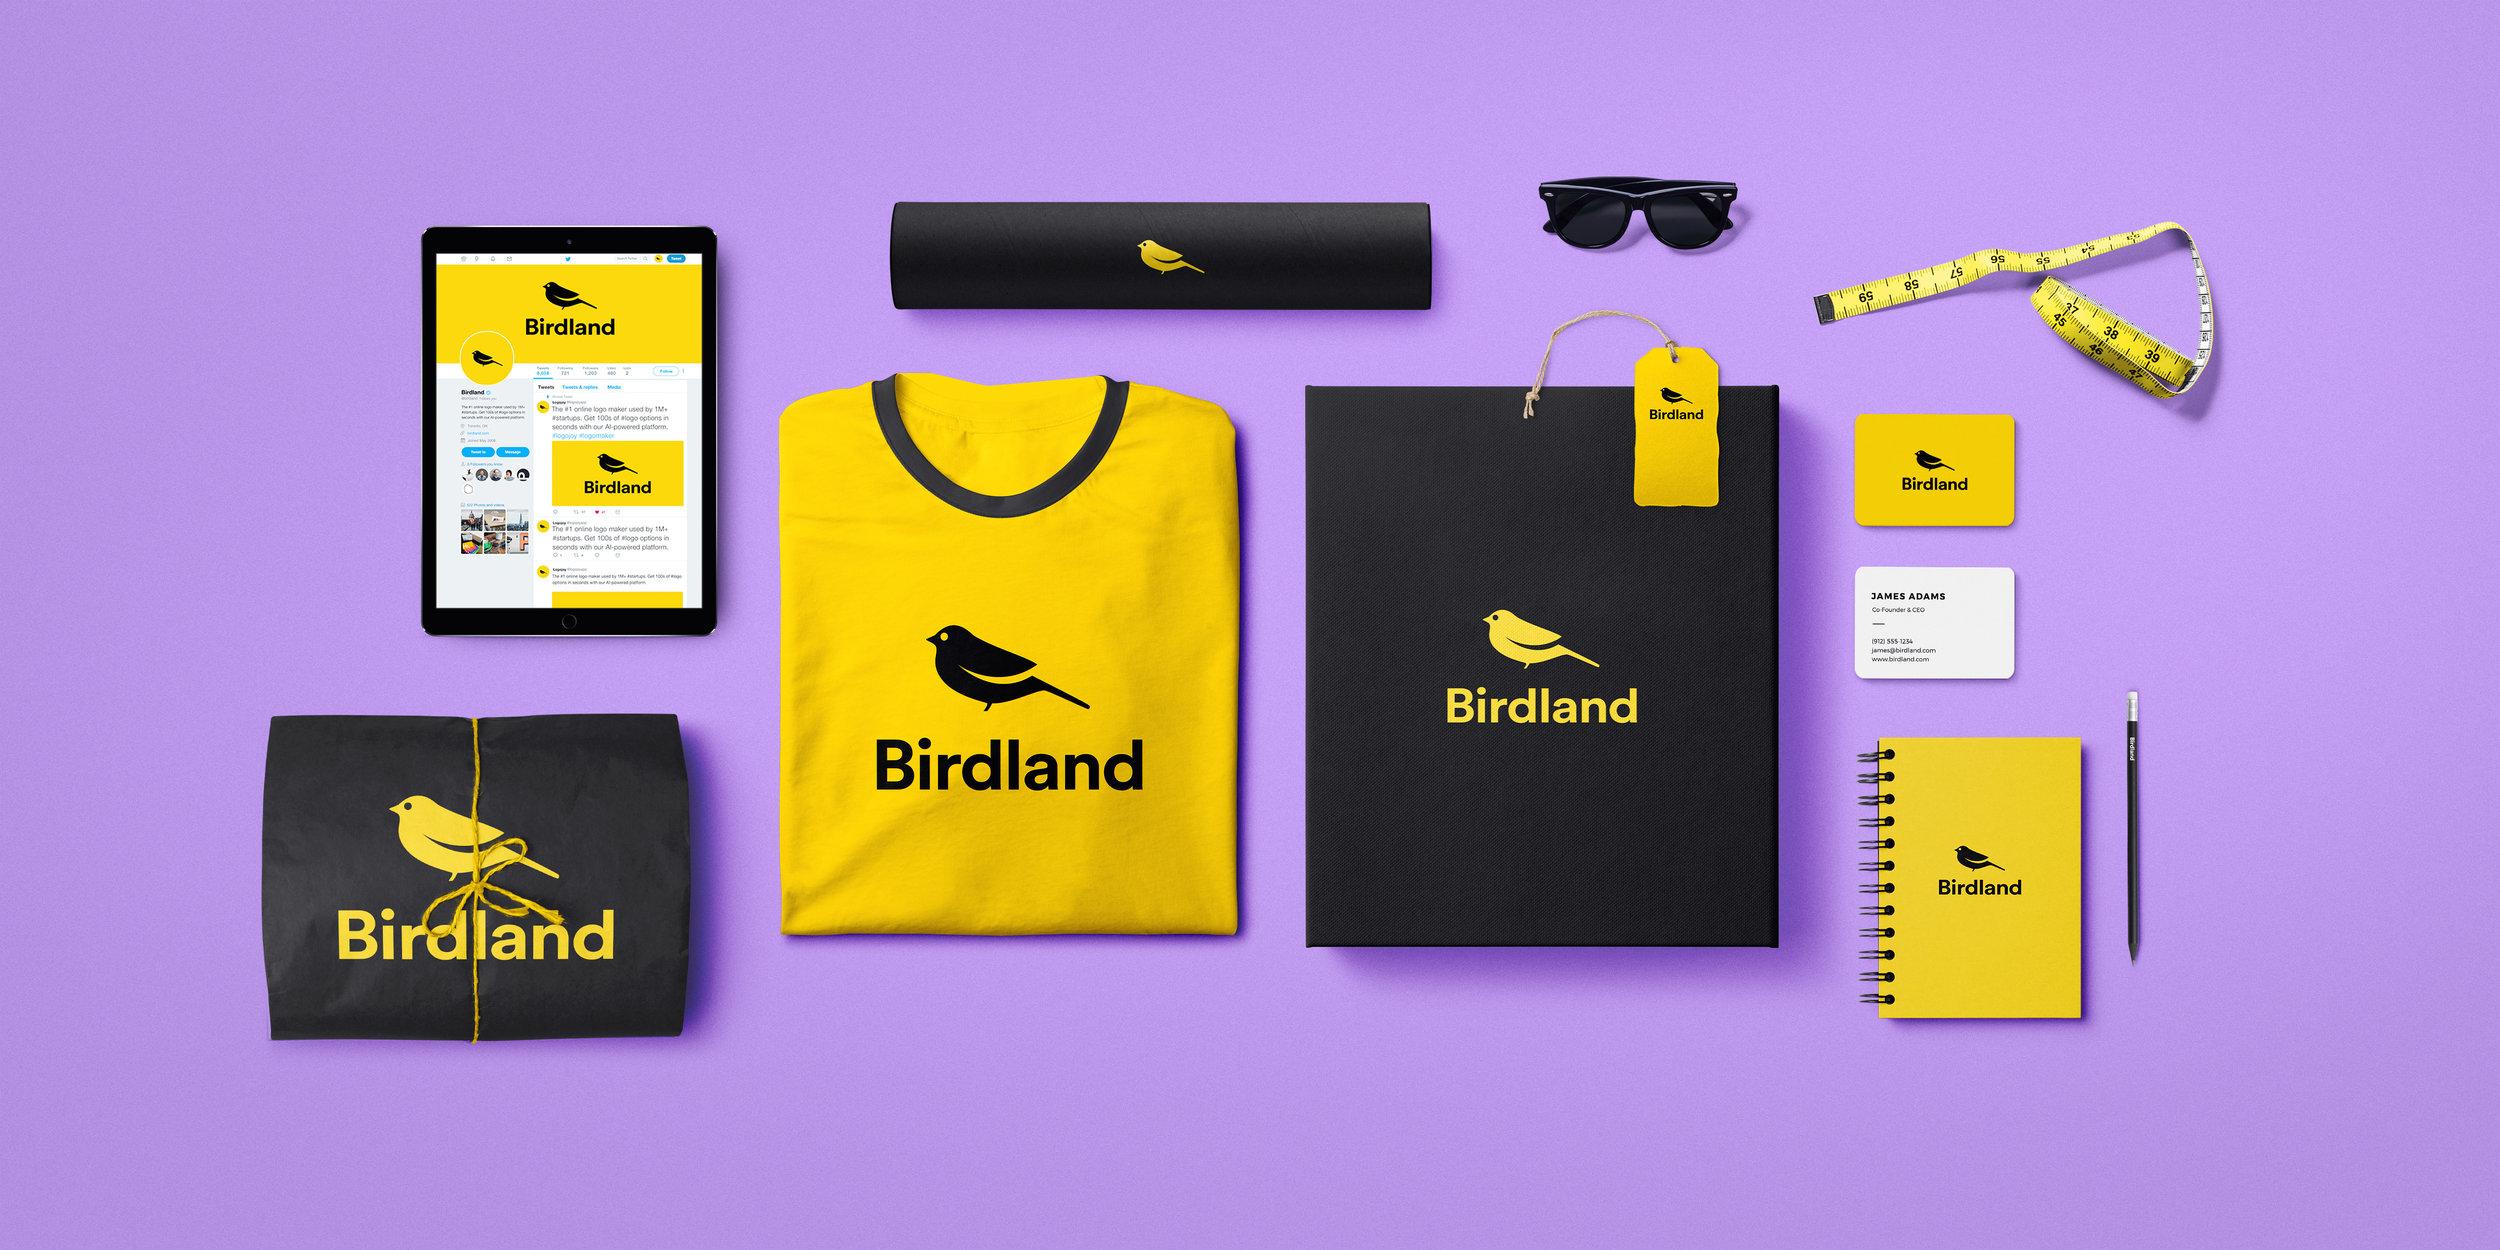 birdland_scene.jpg